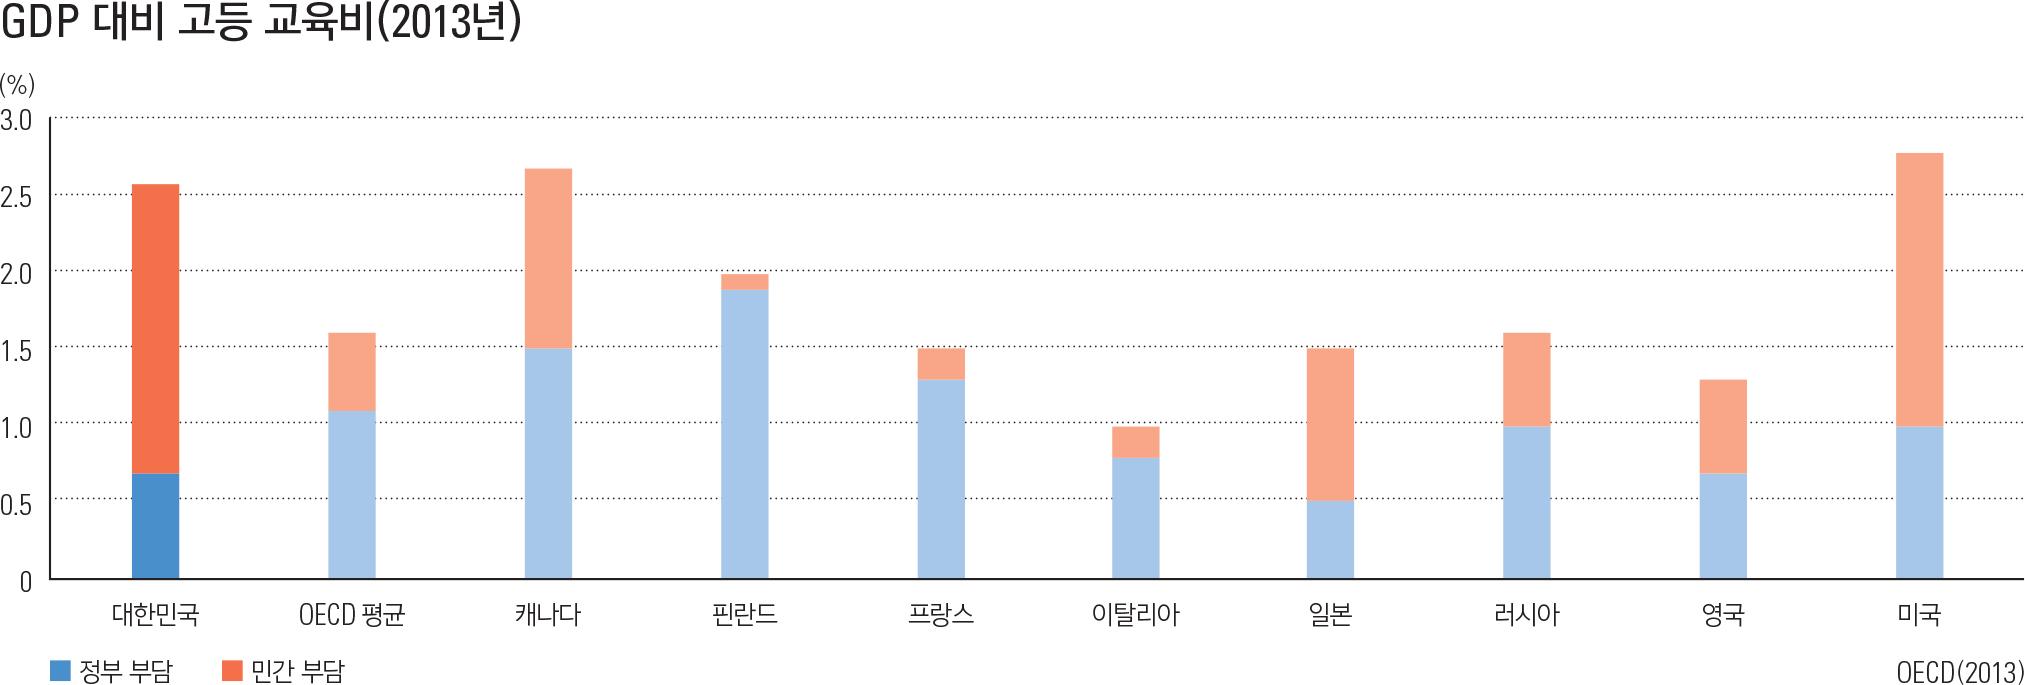 GDP 대비 고등 교육비(2013년)